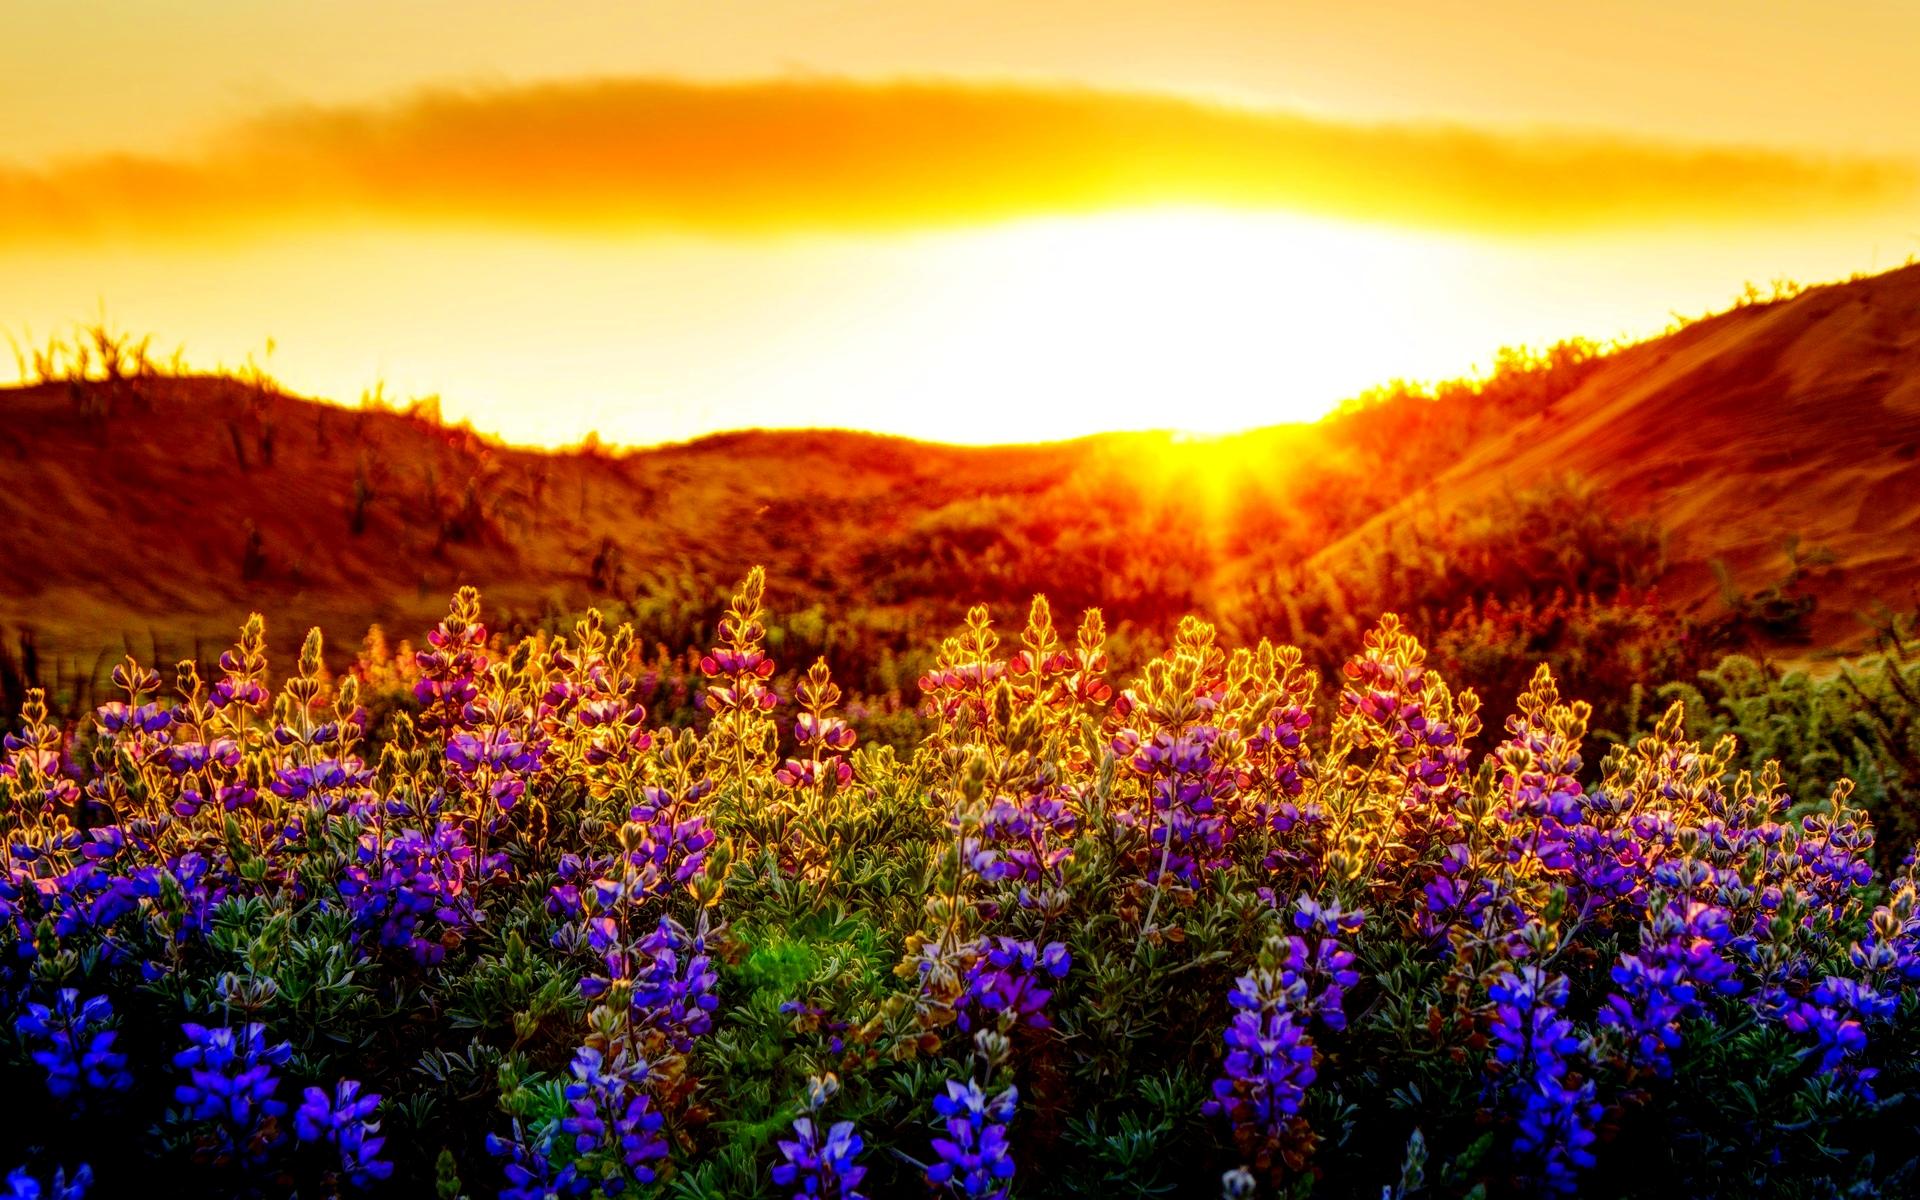 Sunset Summer Wallpaper Backgrounds